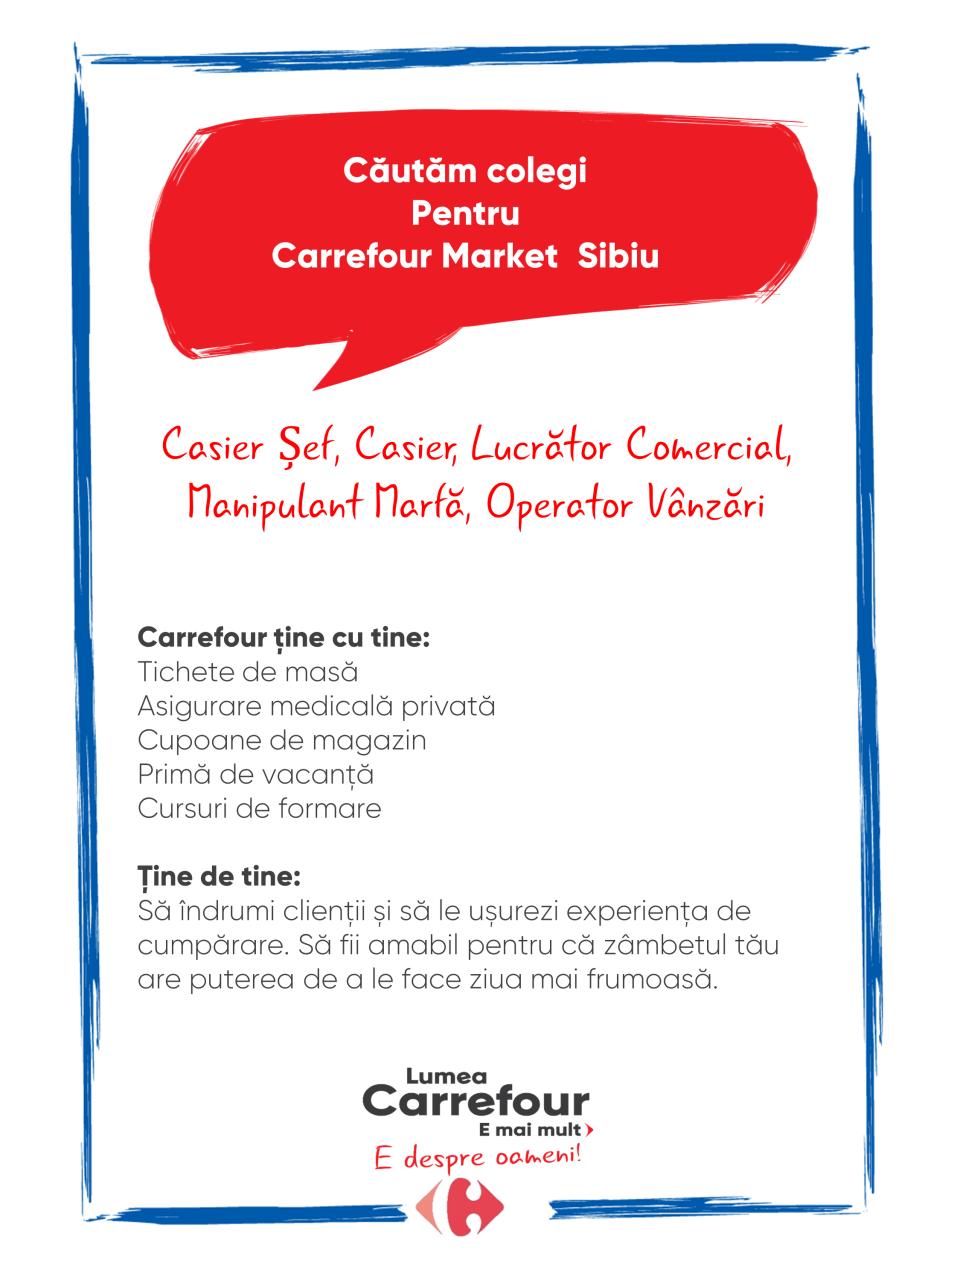 Carrefour ține cu tine: Tichete de masă Asigurare medicală privată Cupoane de magazin Primă de vacanță Cursuri de formare   Ține de tine: Să îndrumi clienții și să le ușurezi experiența de cumpărare. Să fii amabil pentru că zâmbetul tău are puterea de a le face ziua mai frumoasă. Carrefour ține cu tine: Tichete de masă Asigurare medicală privată Cupoane de magazin Primă de vacanță Cursuri de formare   Ține de tine: Să îndrumi clienții și să le ușurezi experiența de cumpărare. Să fii amabil pentru că zâmbetul tău are puterea de a le face ziua mai frumoasă.   casier , sef relatii clienti  casier sef manipulant marfa lucrator comercial  operator vanzari vanzator lucrator universal casa de marcat Lumea Carrefour e mai mult. E despre oameni!Lumea noastră? E despre prietenia fără vârstă și bucuria de a fi buni în ceea ce facem. Despre diversitatea meseriilor, dar mai ales despre diversitatea membrilor unei mari familii. Despre emoția primului job și satisfacția pe care o avem când suntem de ajutor.Fiecare dintre noi avem trăsături care ne fac să fim unici și valoroși. Suntem diferiți și în același timp suntem la fel ca toți românii: vrem să fim liberi, să alegem, să ne exprimăm punctul de vedere, să ne simțim bine.